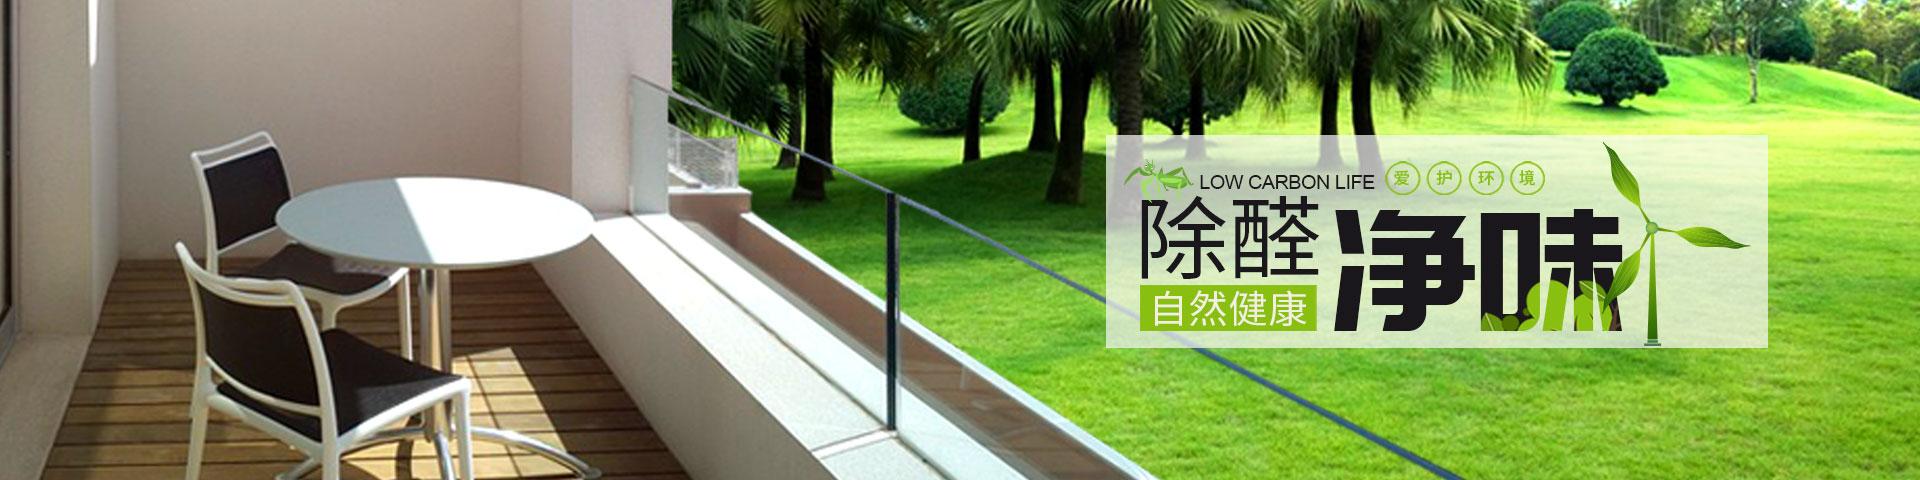 上海甲醛检测